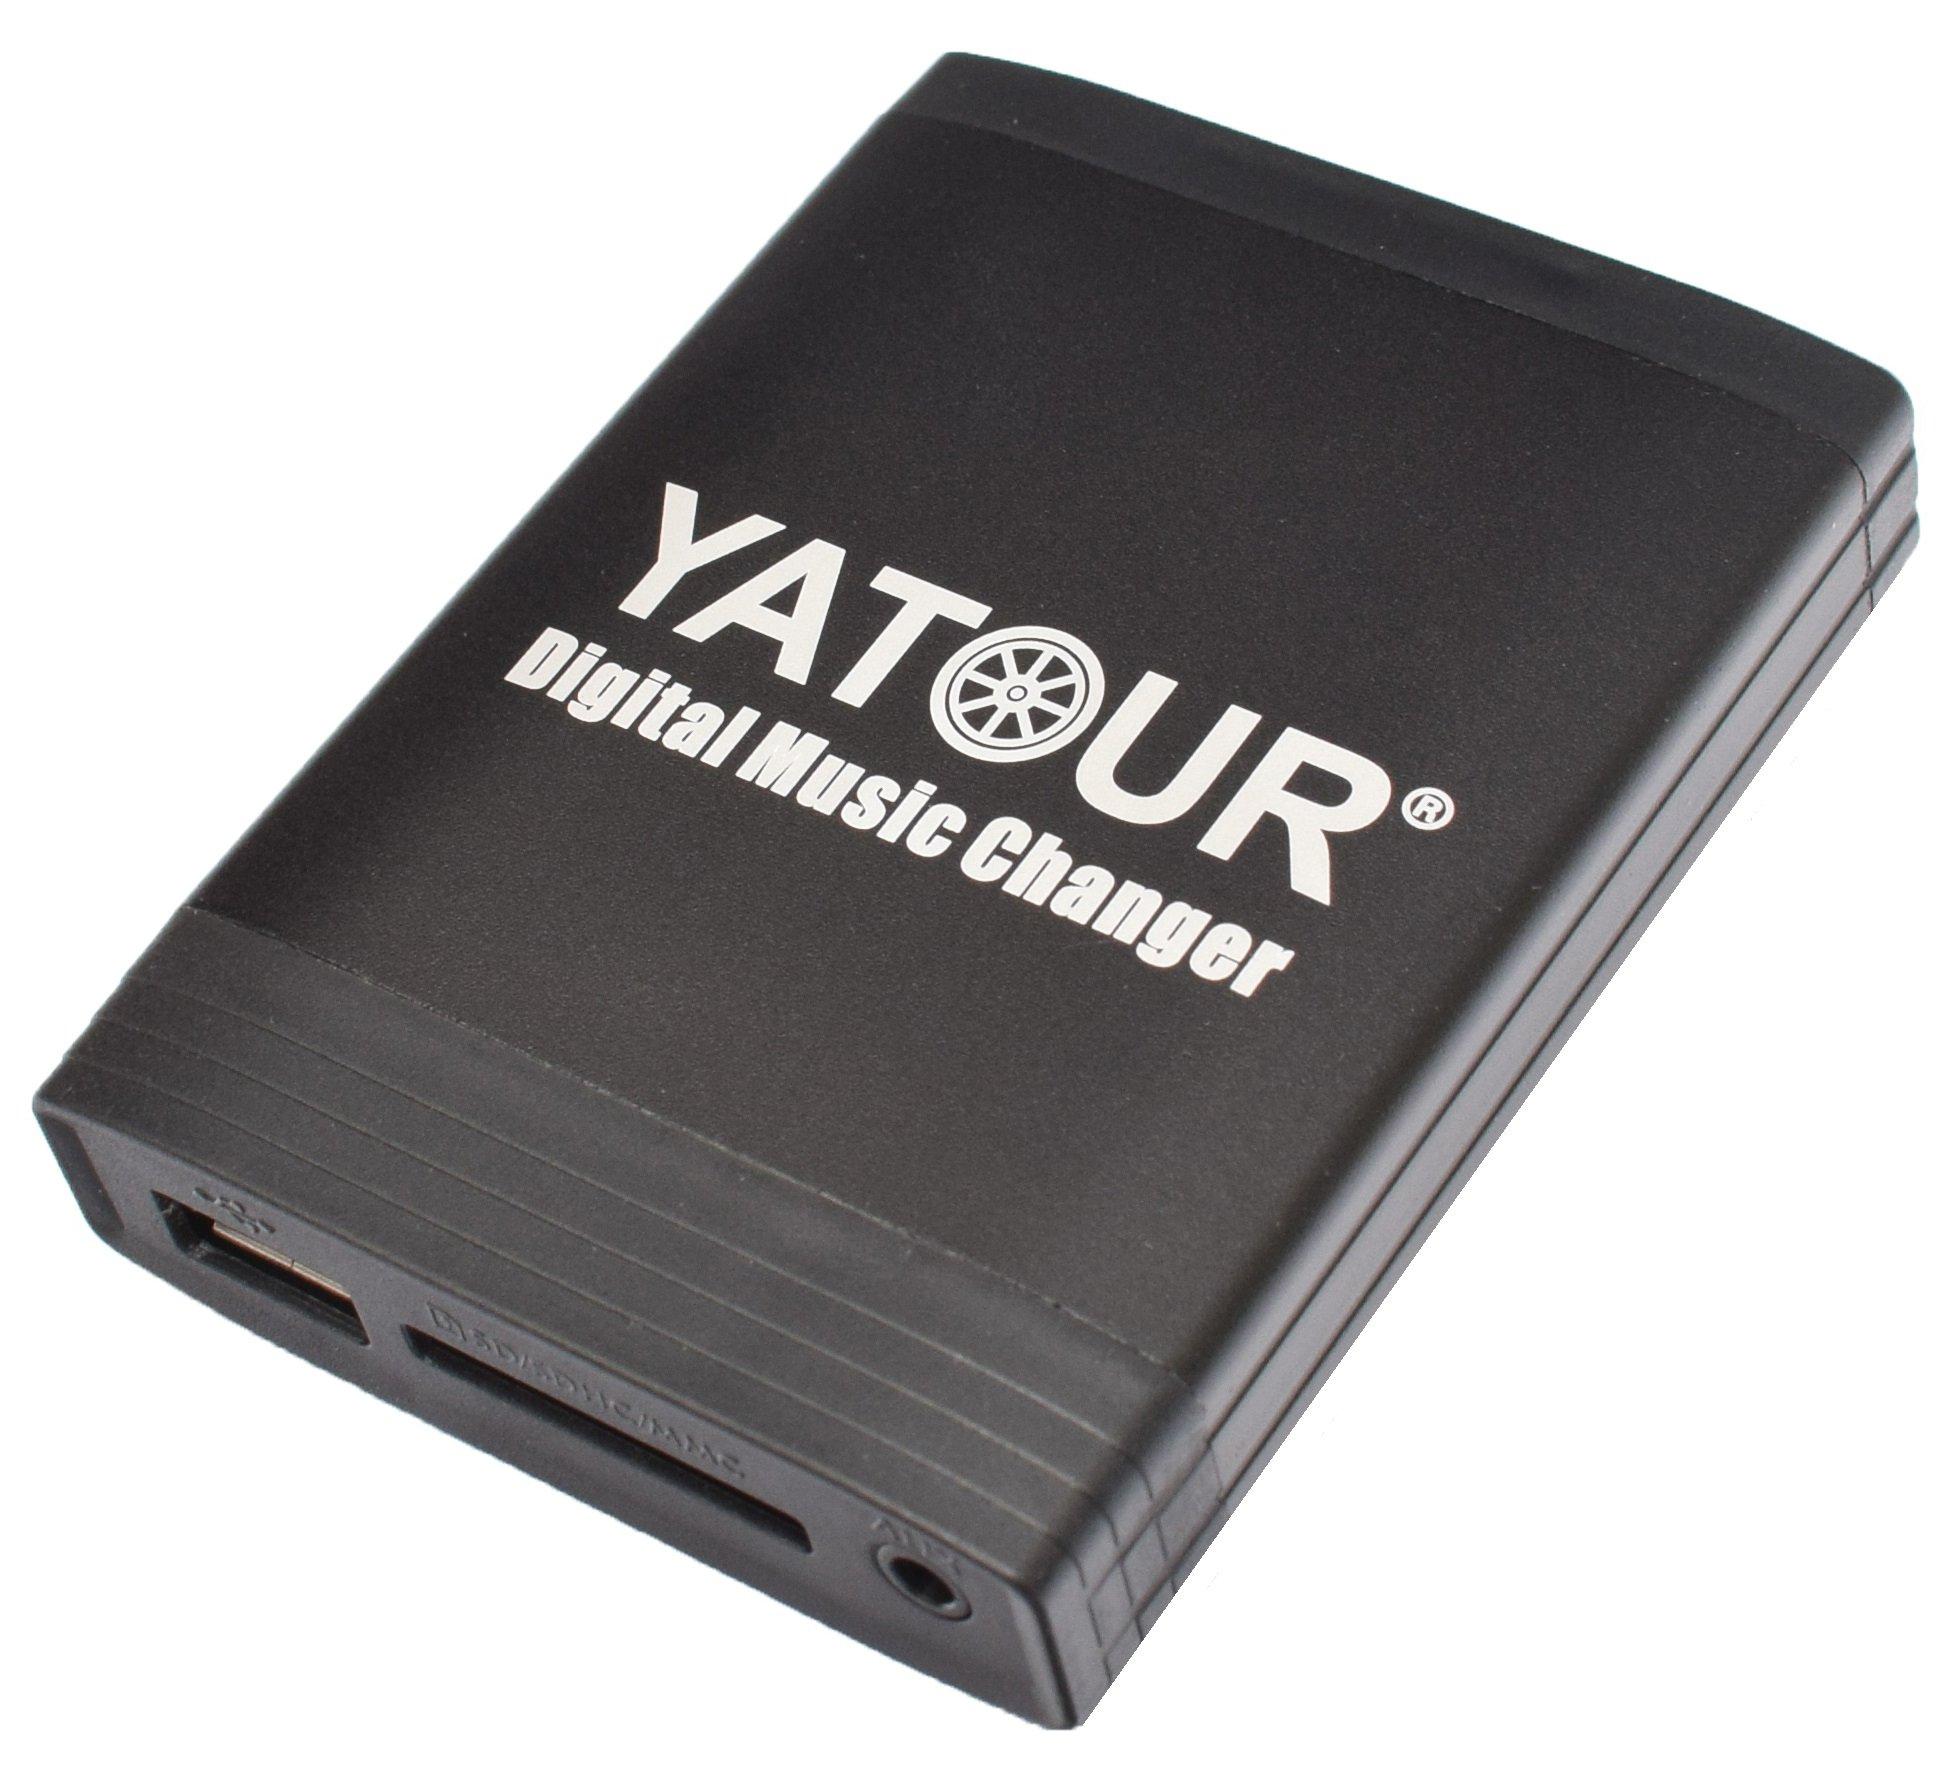 USB mp3 AUX adaptador Honda Goldwing sc47 gl1800